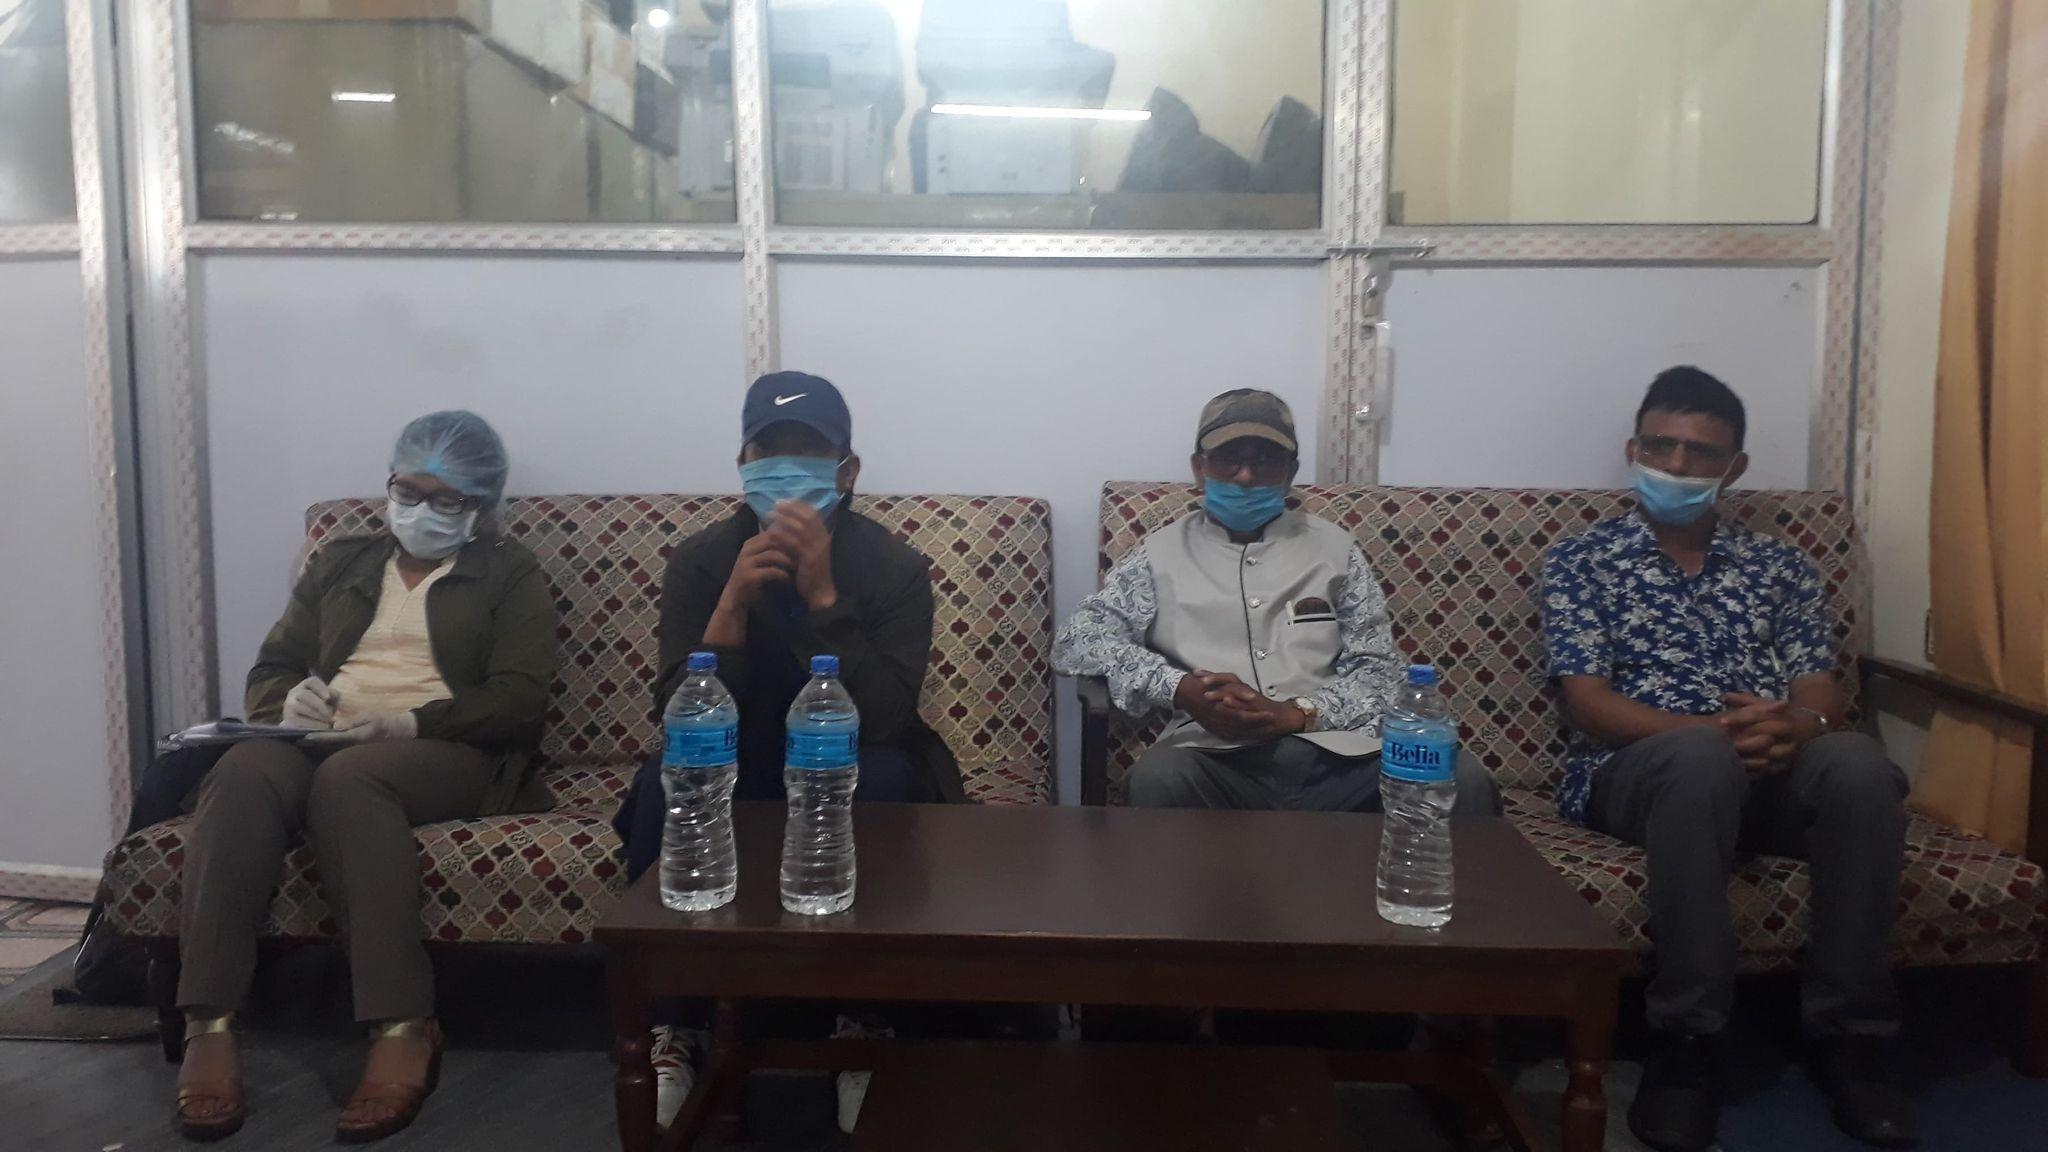 नेपाल निजामती कर्मचारी सङ्गठनलाई लाग्यो चुनाव